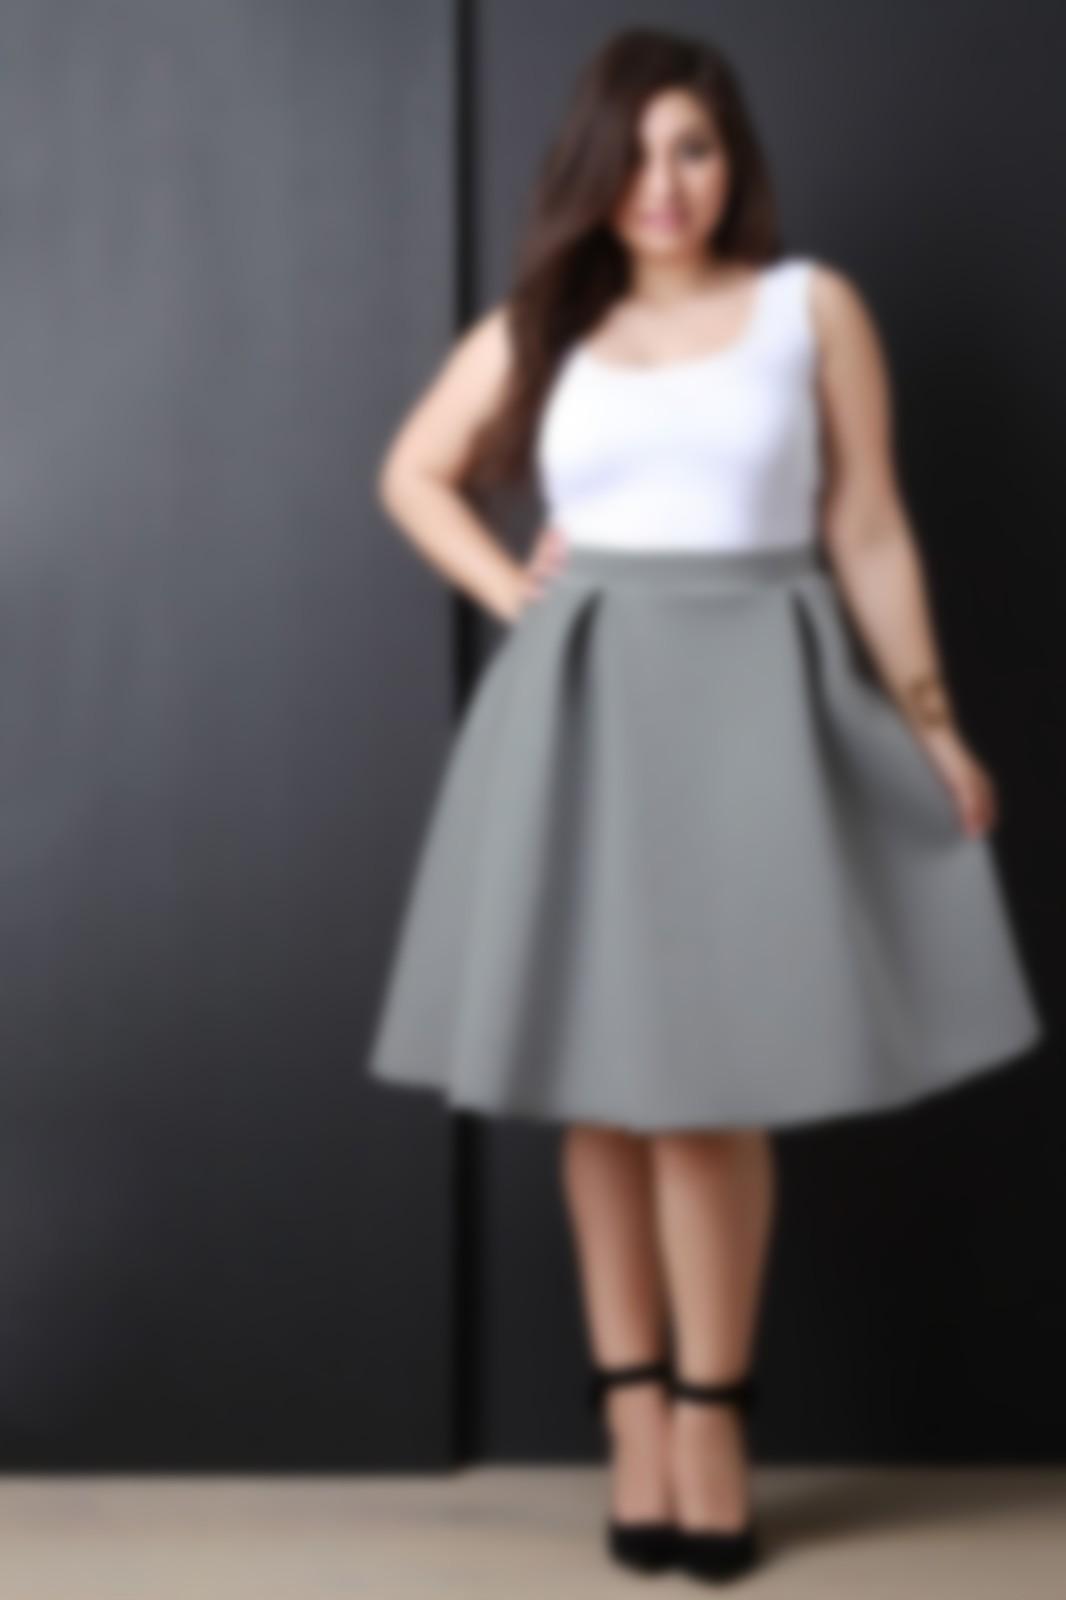 1325dbb2ef12a4c Юбки 2019 года, олицетворяющие модные новые тенденции на фото, подойдут и  для полных представительниц прекрасного пола. Очень важно остановить свой  выбор на ...